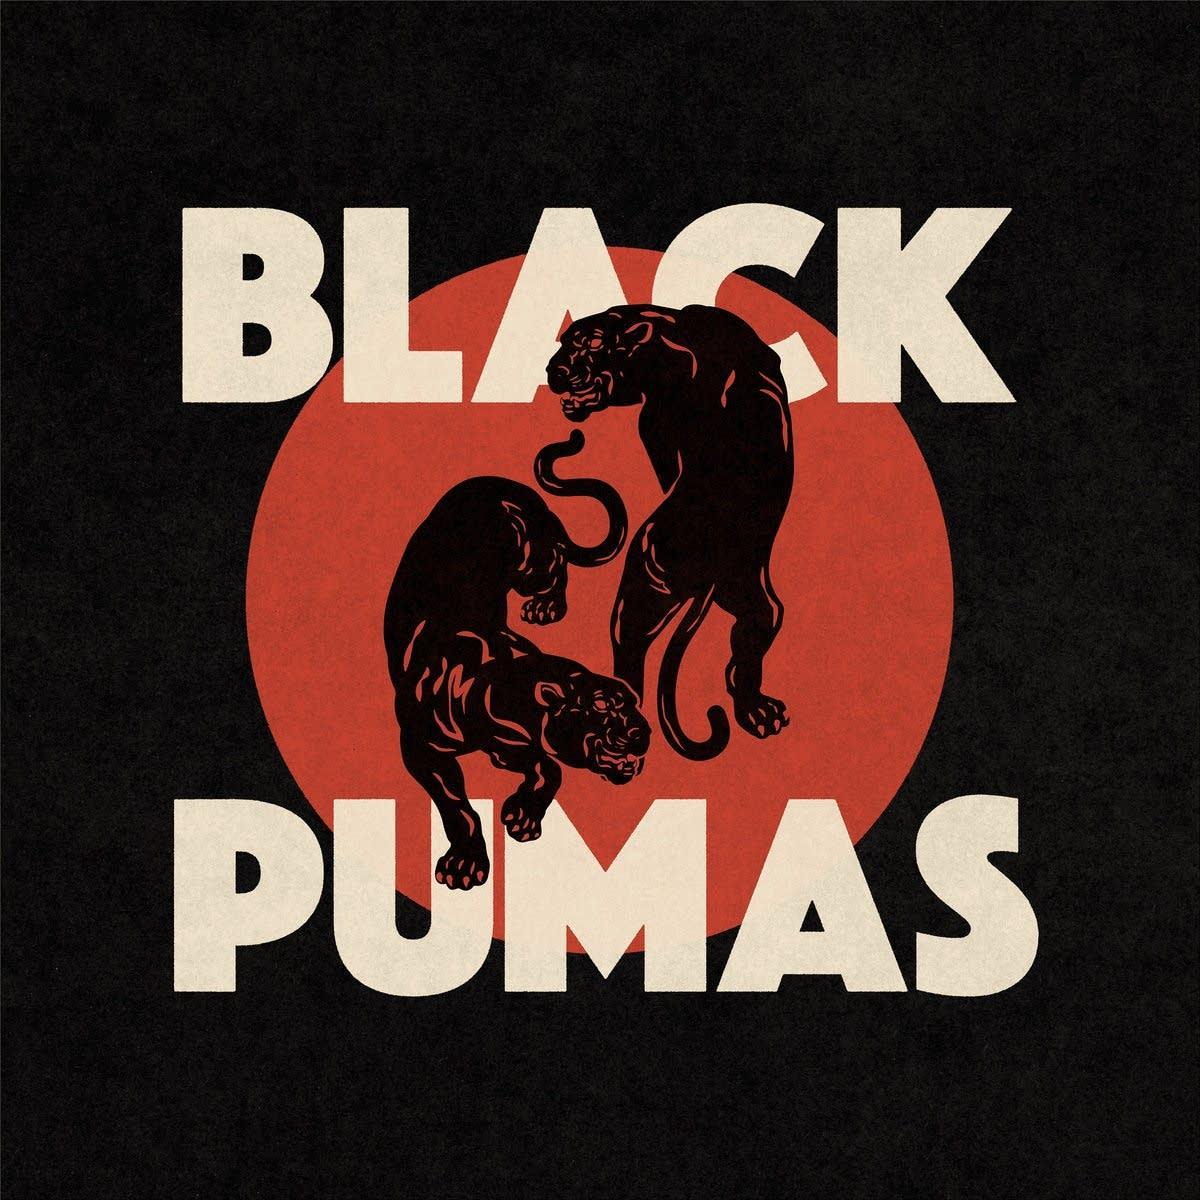 Black Pumas, 'Black Pumas'